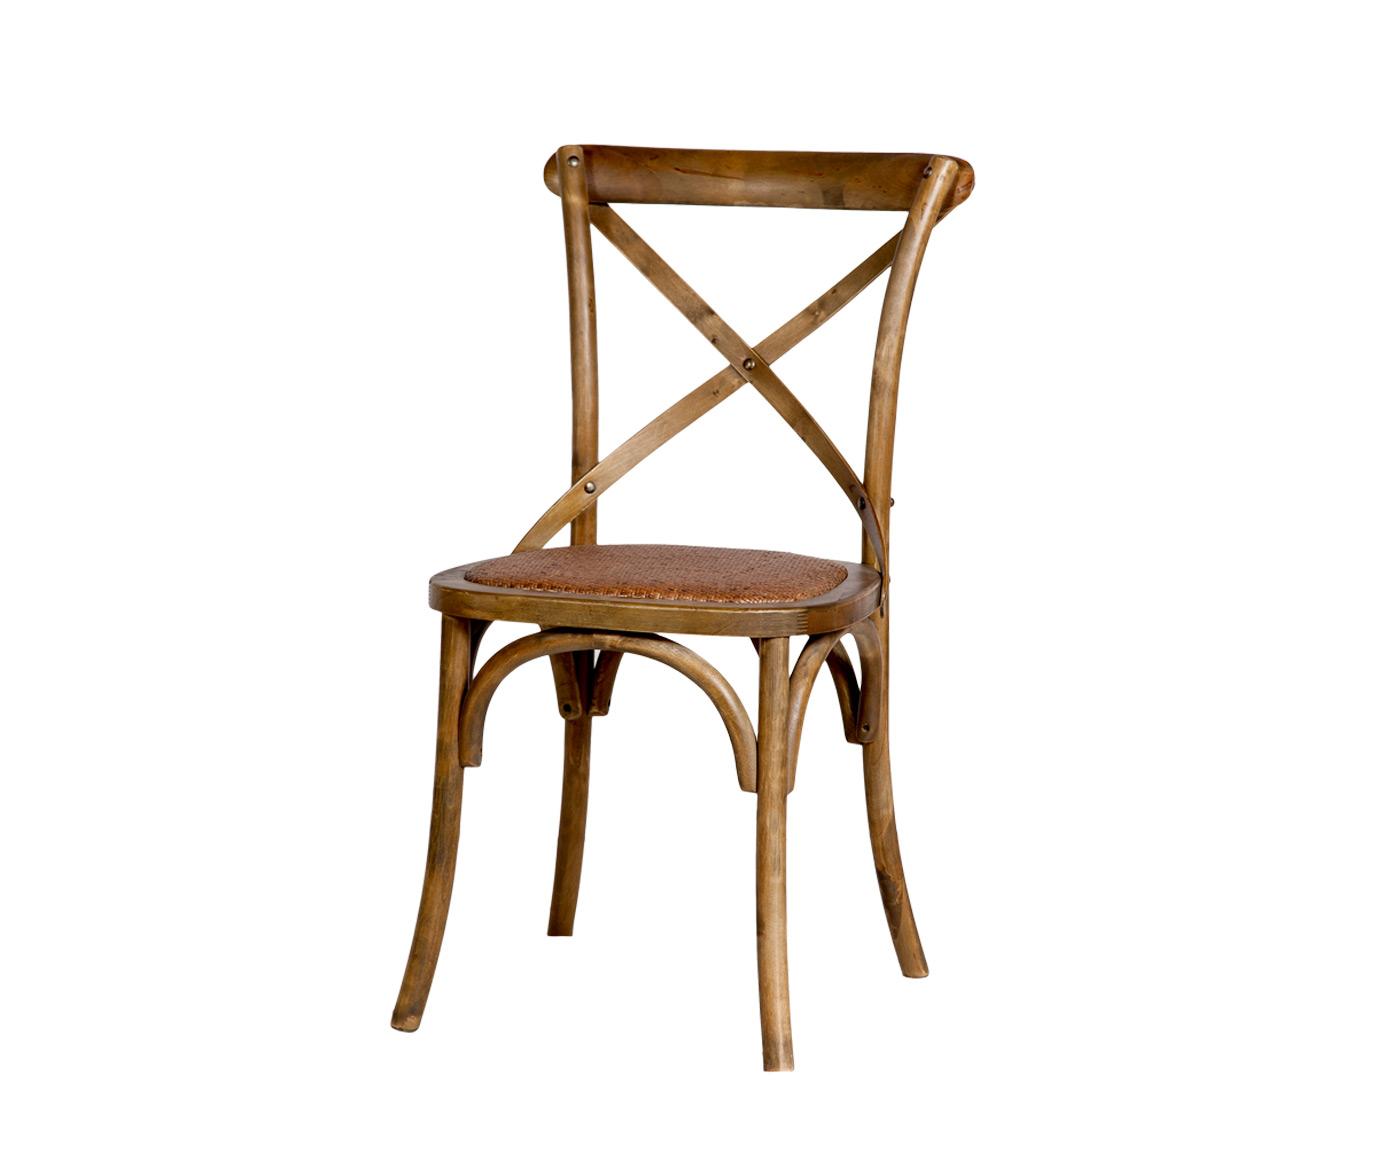 СтулОбеденные стулья<br><br><br>Material: Дерево<br>Width см: 50<br>Depth см: 40<br>Height см: 90